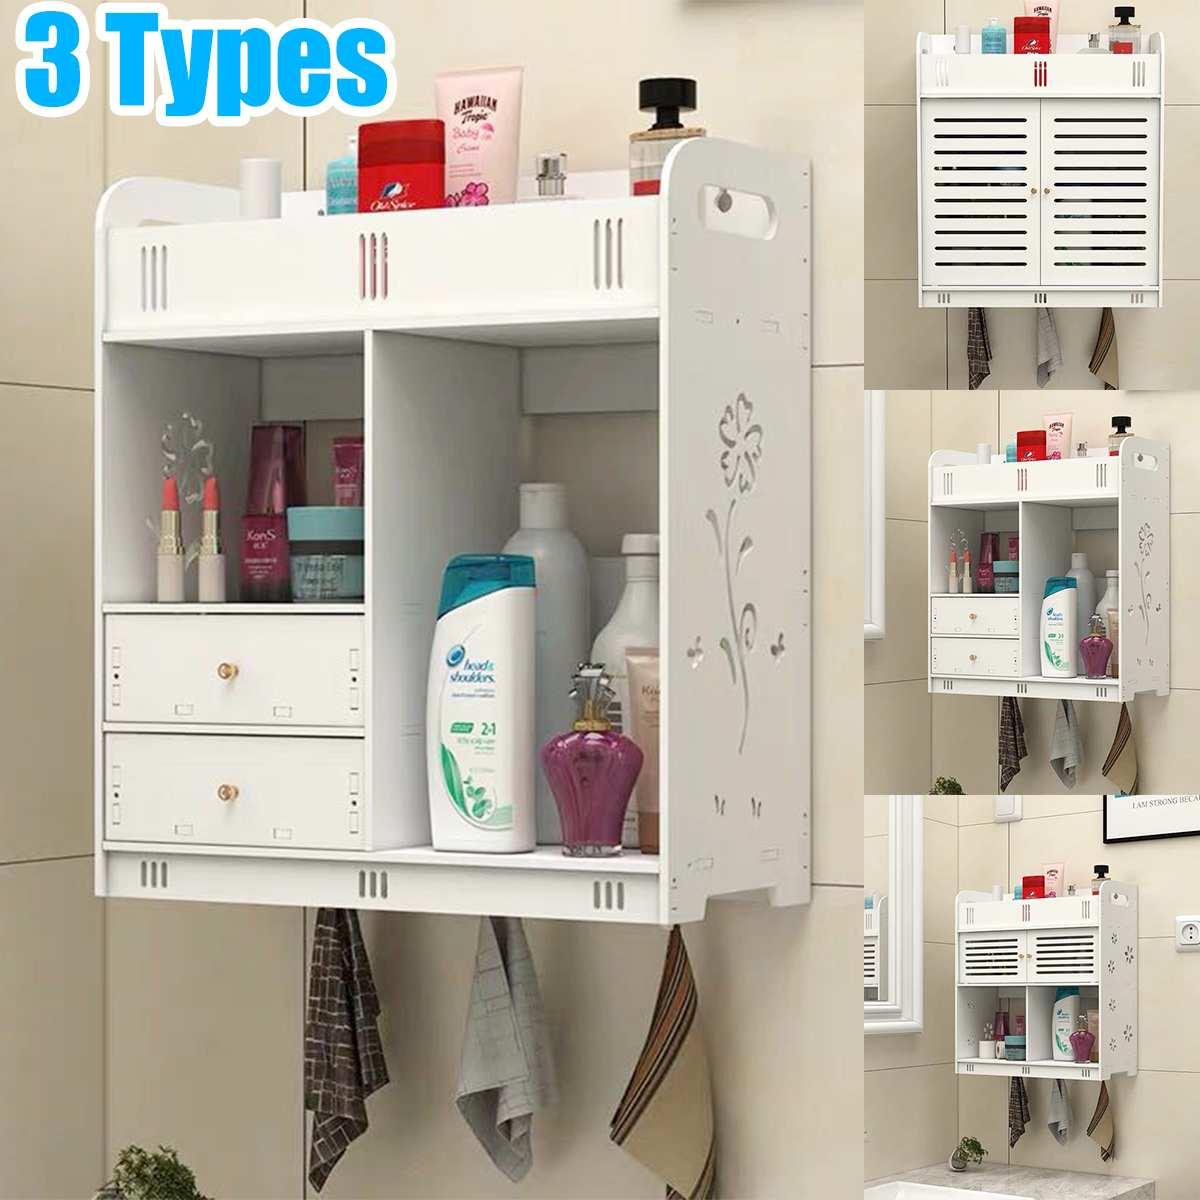 Шкаф для ванной комнаты 38x18x43 см, настенный шкаф для туалетной мебели, деревянный пластиковый шкаф, полка стойка для хранения косметики